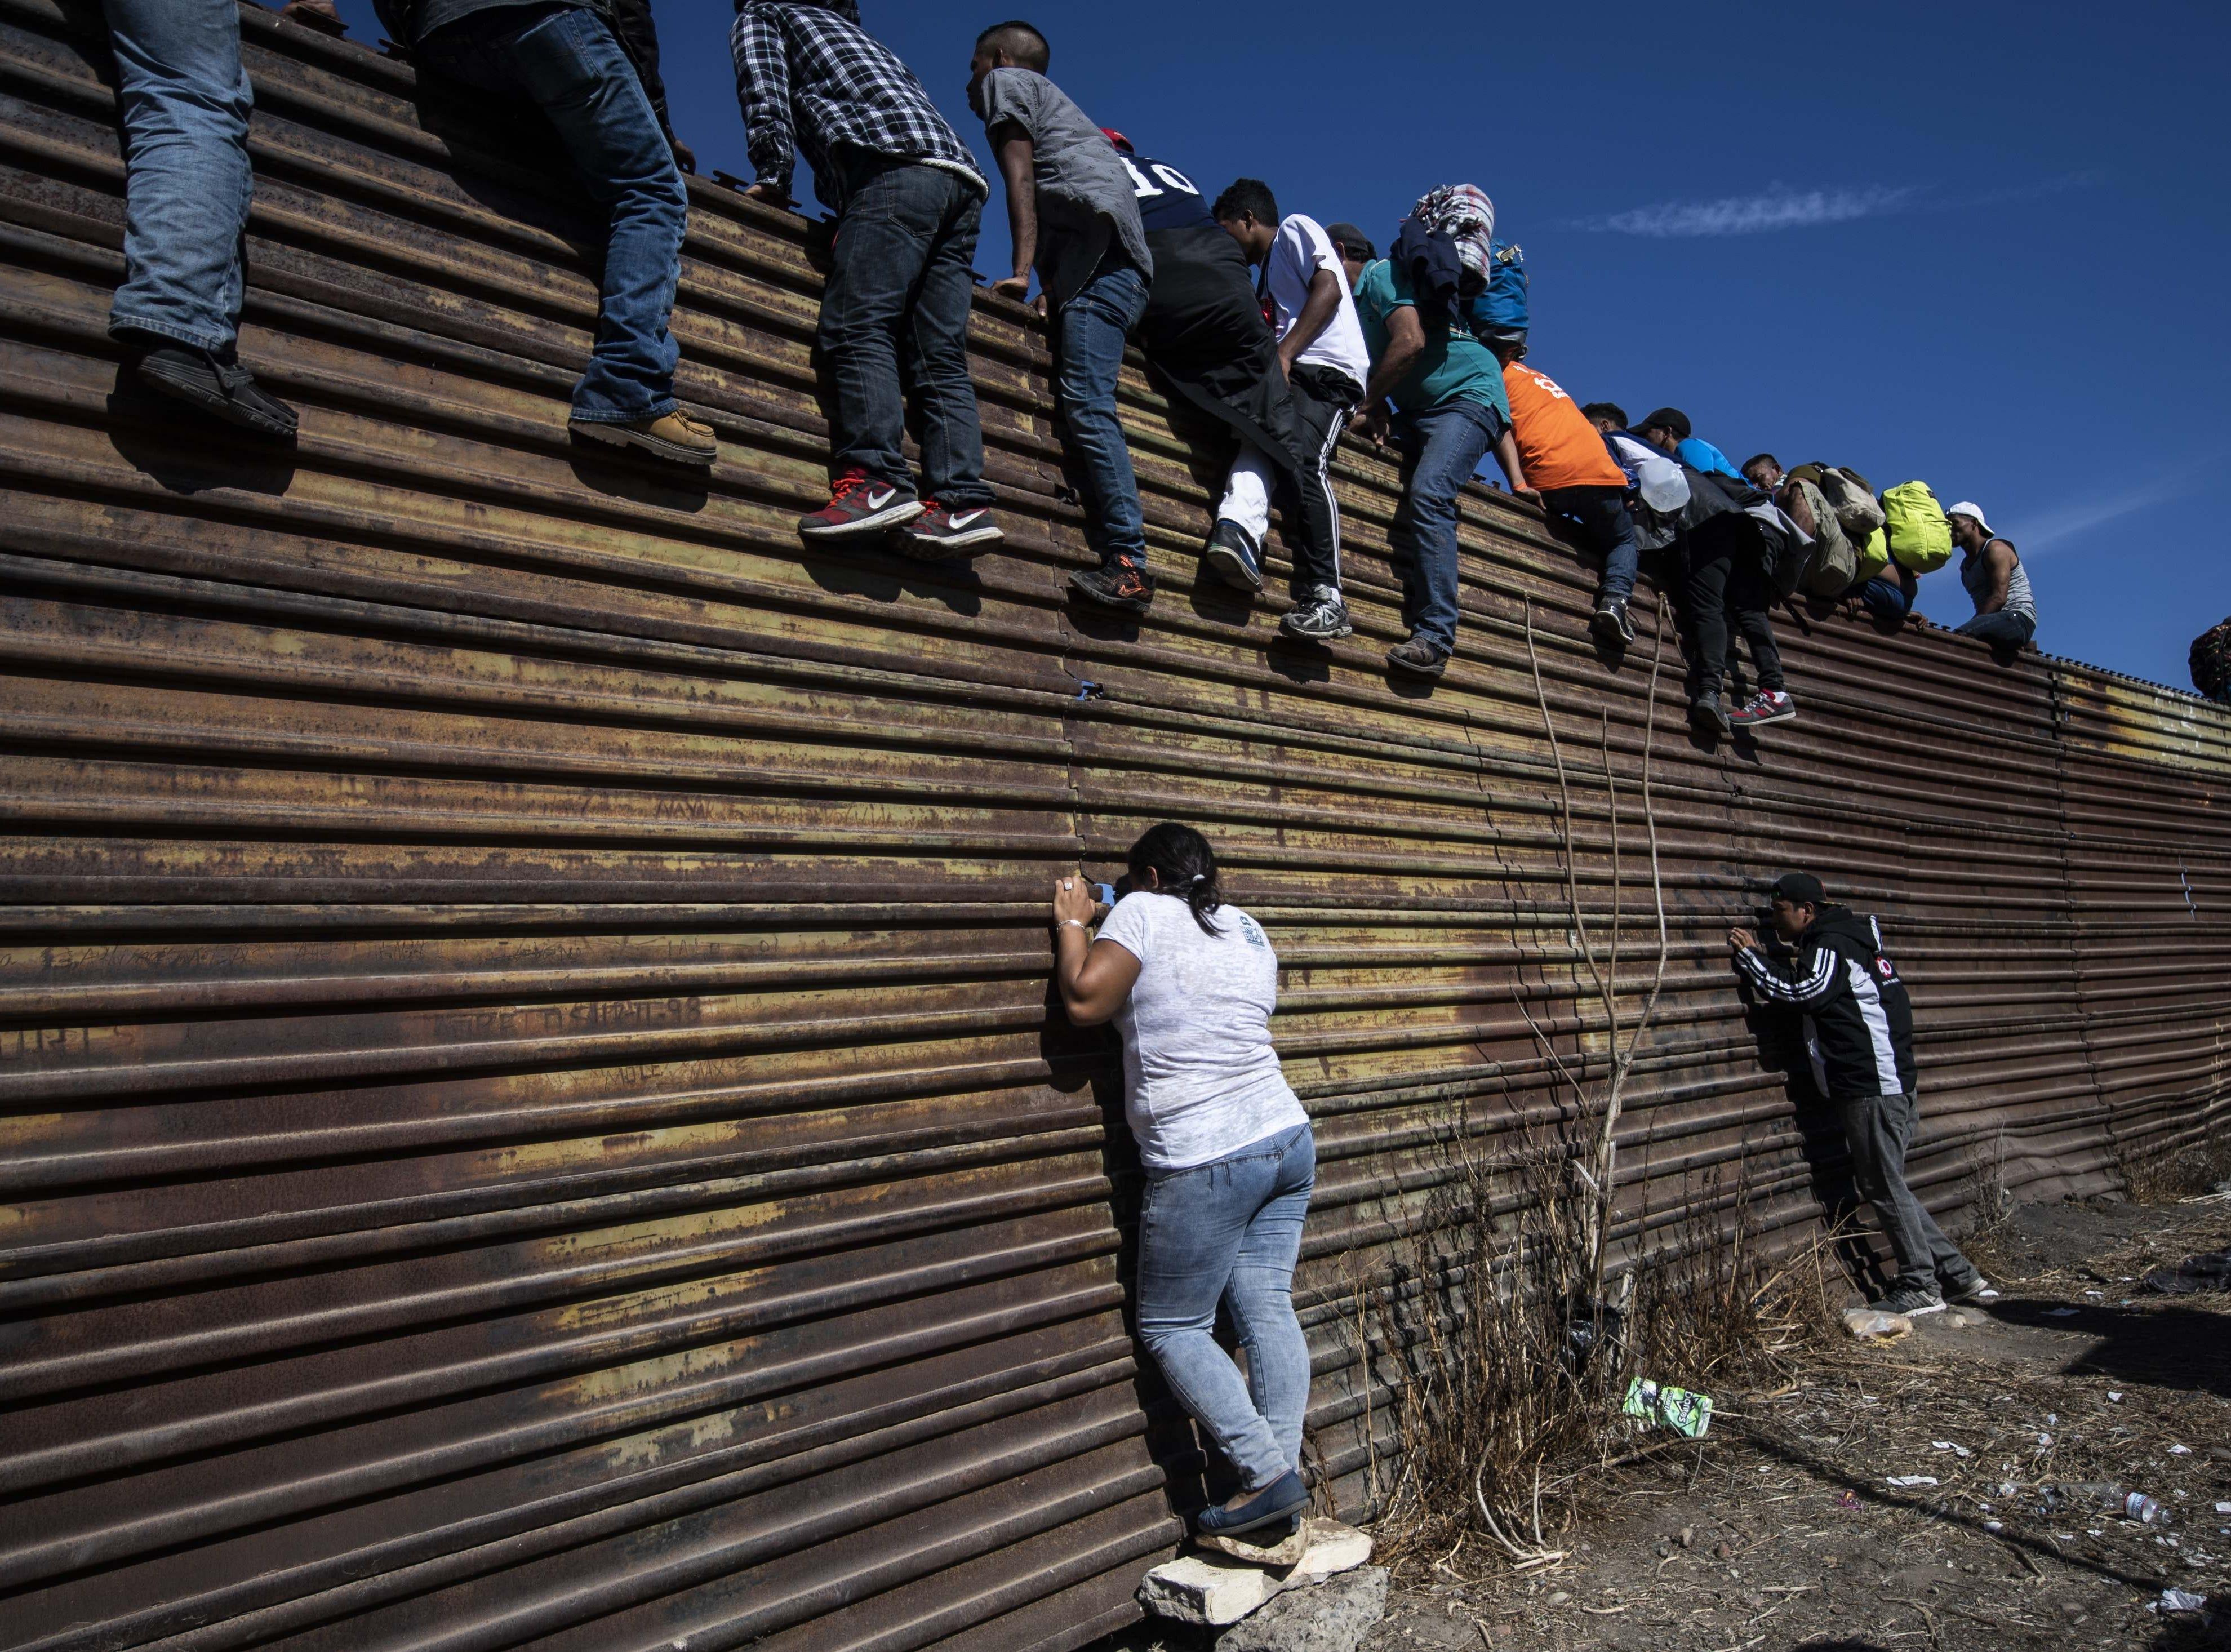 Un grupo de migrantes centroamericanos, en su mayoría hondureños, escalan una barrera de metal en la frontera entre México y EE.UU. cerca del cruce fronterizo de El Chaparral, en Tijuana, estado de Baja California, México, el 25 de noviembre de 2018.